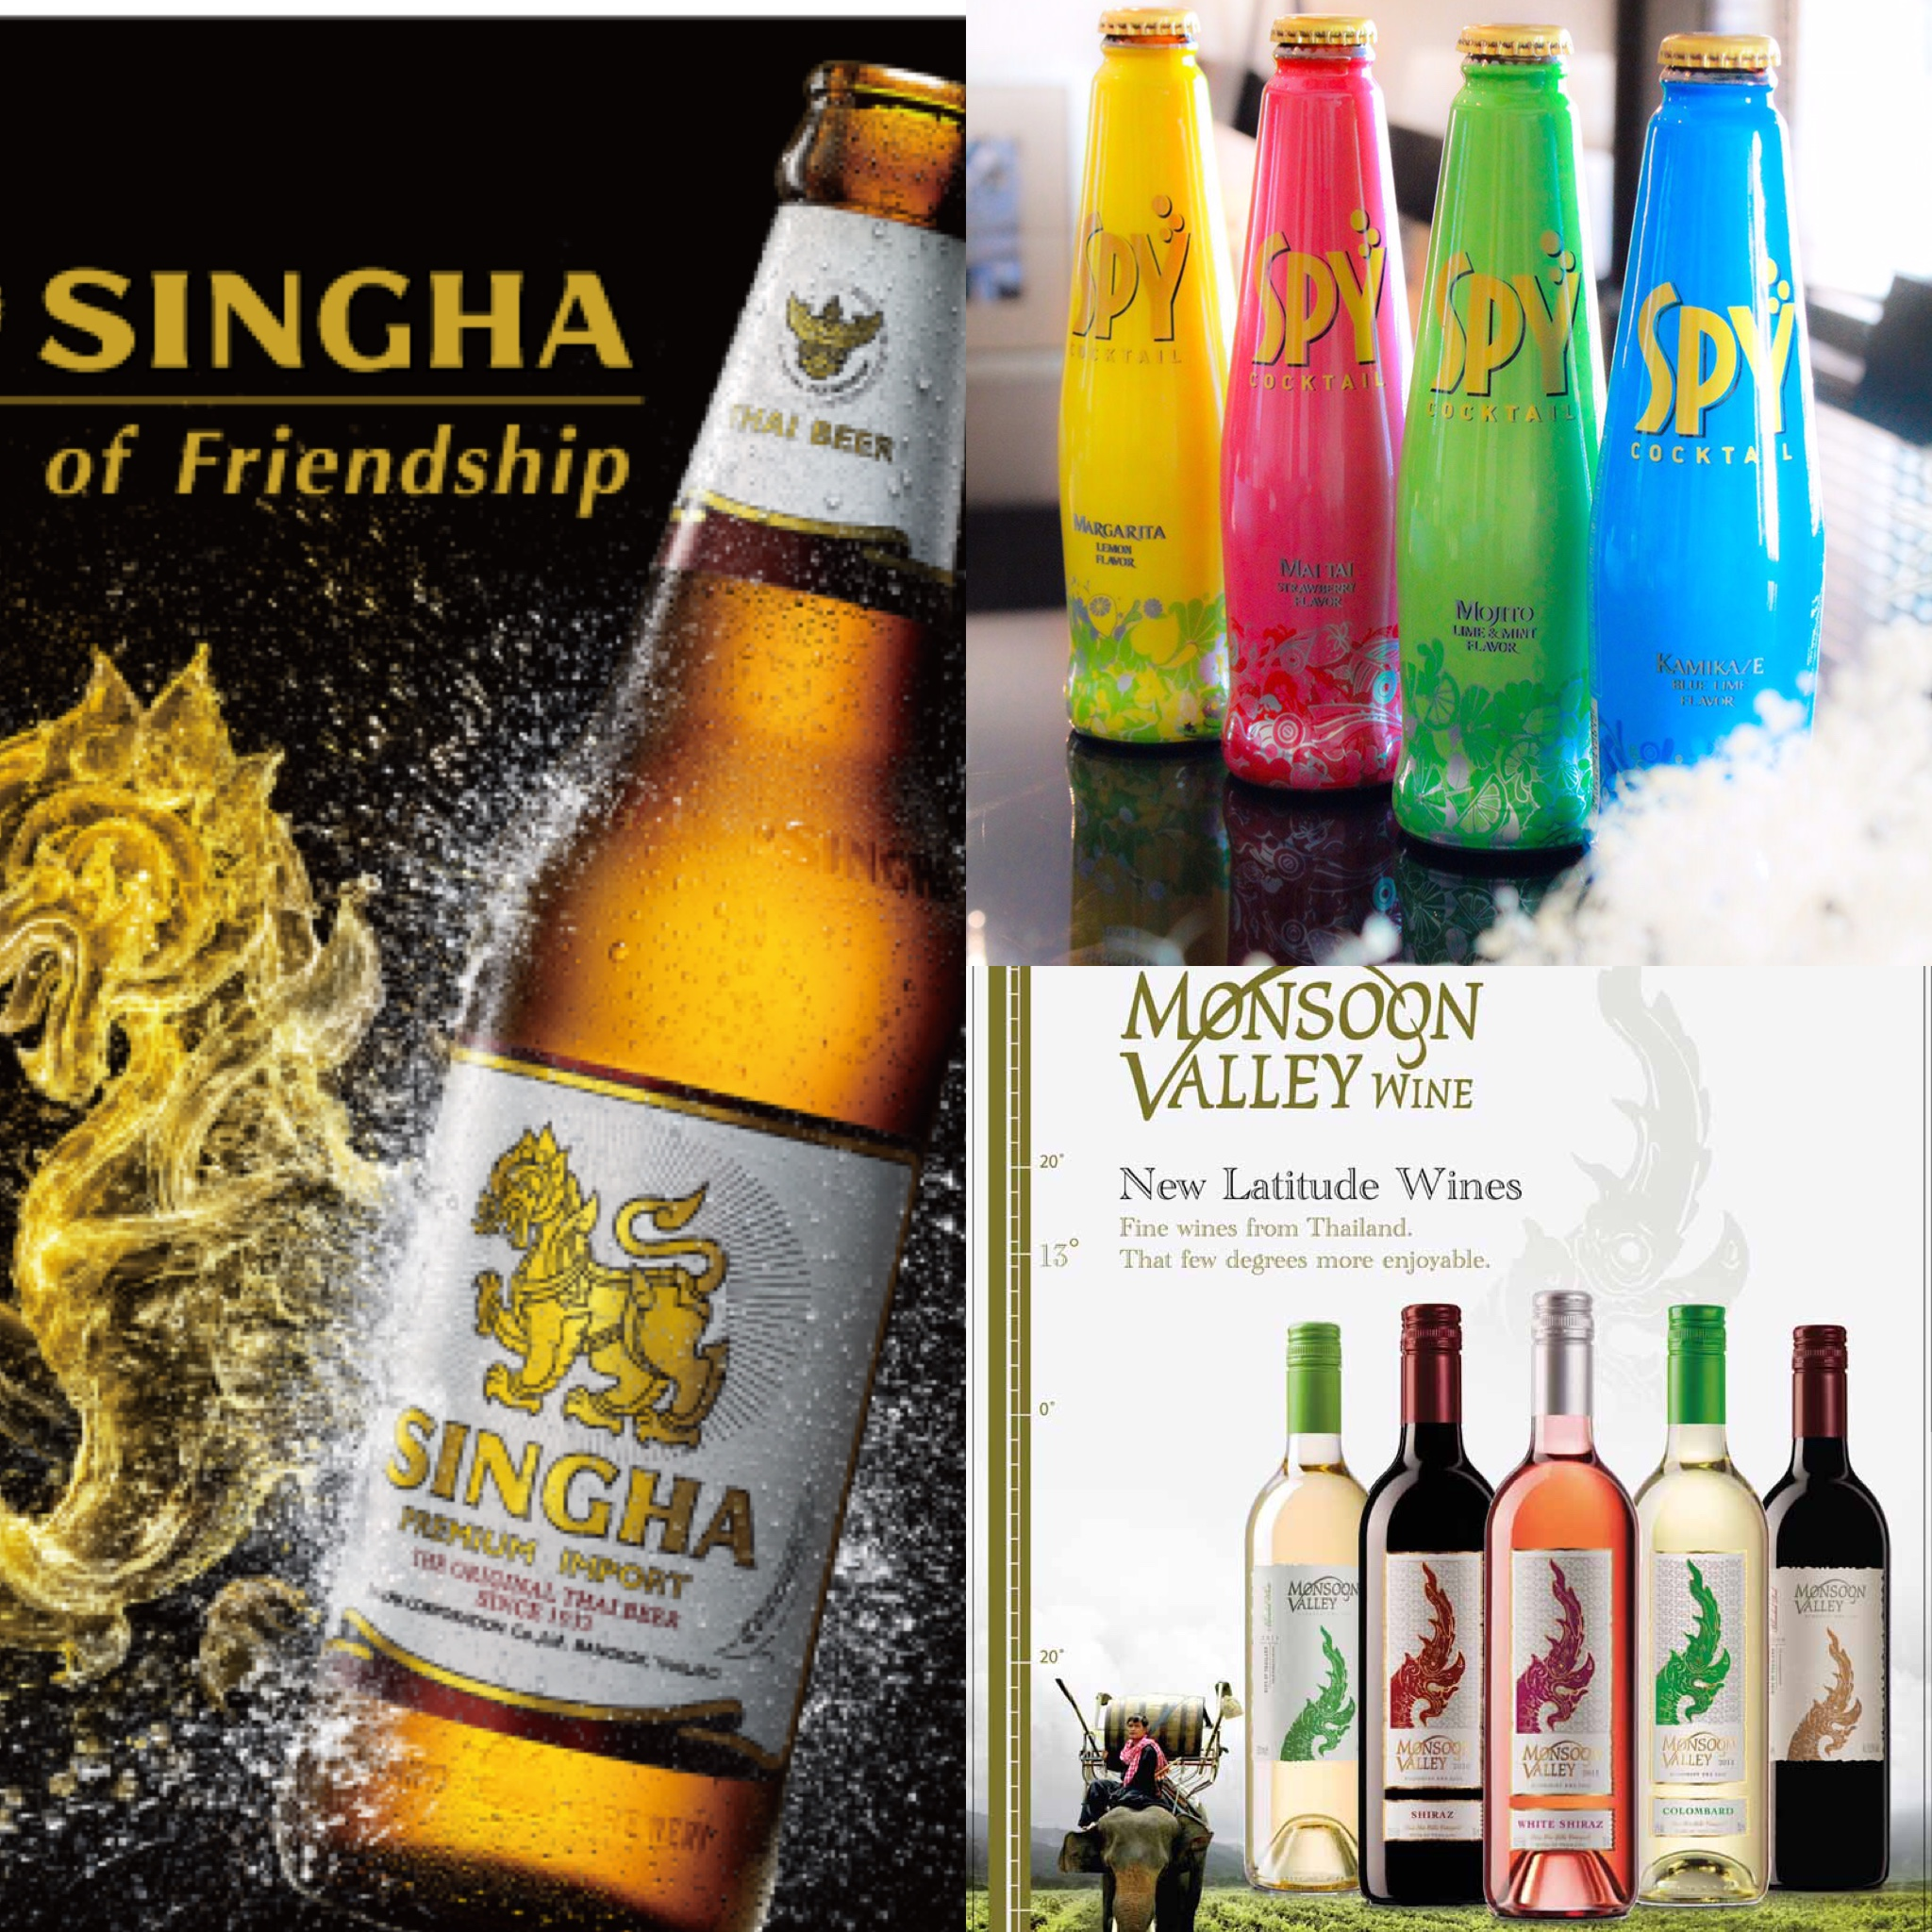 「シンハービール」「スパイ」「モンスーンバレーワイン」の3ブランドが、 オフィシャルサポーターに就任!